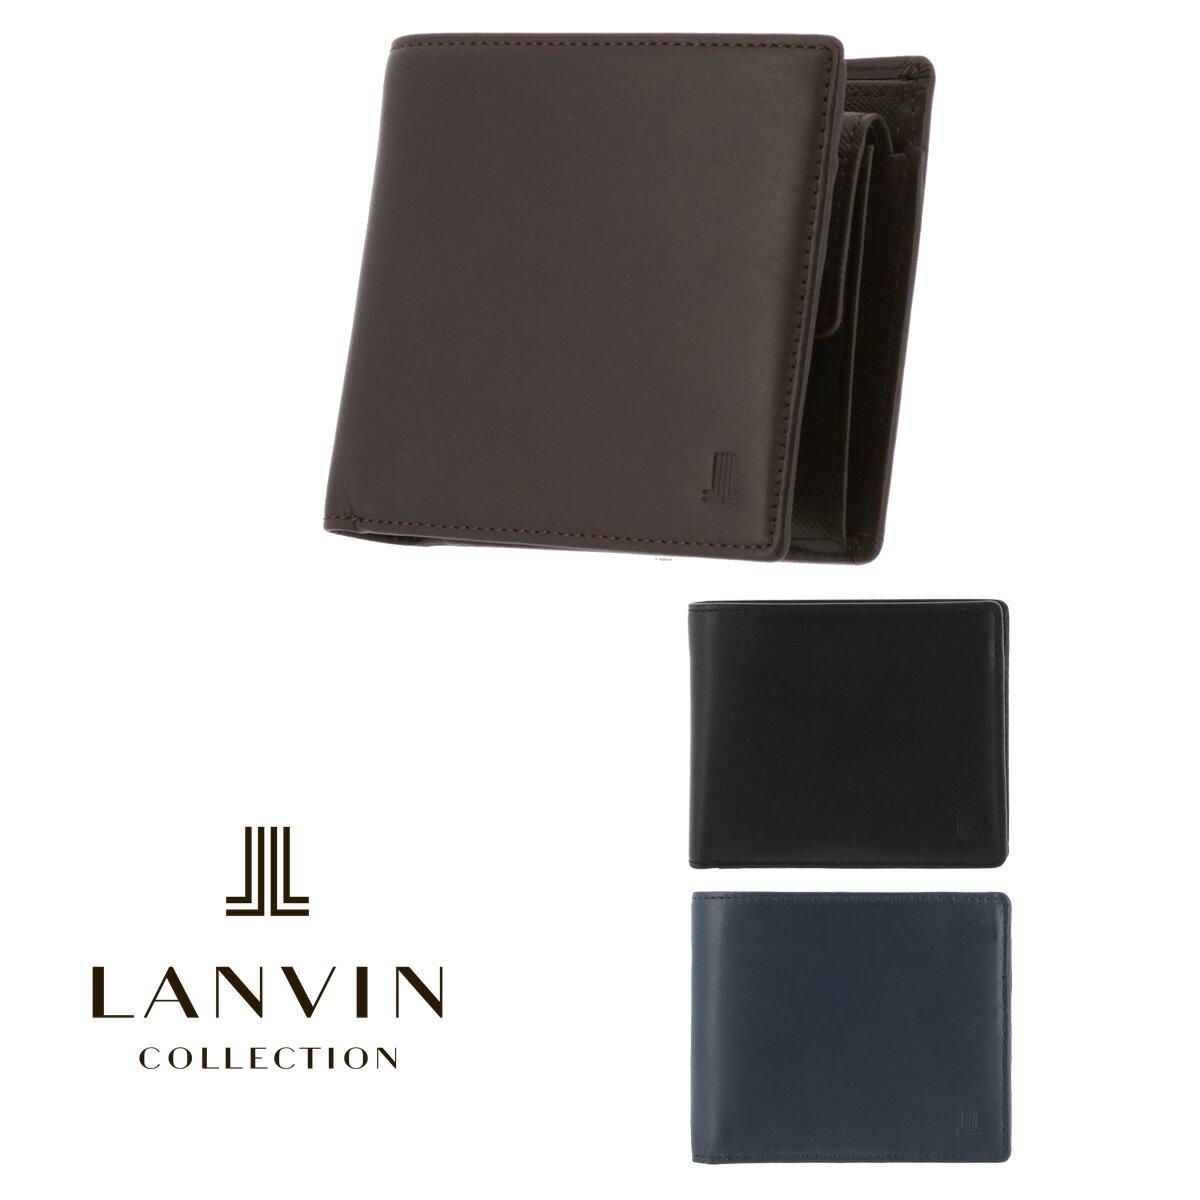 ランバンコレクション 二つ折り財布 エンボスコンビネーション JLMW7ES2 LANVIN COLLECTION 札入れ 本革 レザー メンズ[PO5][bef]